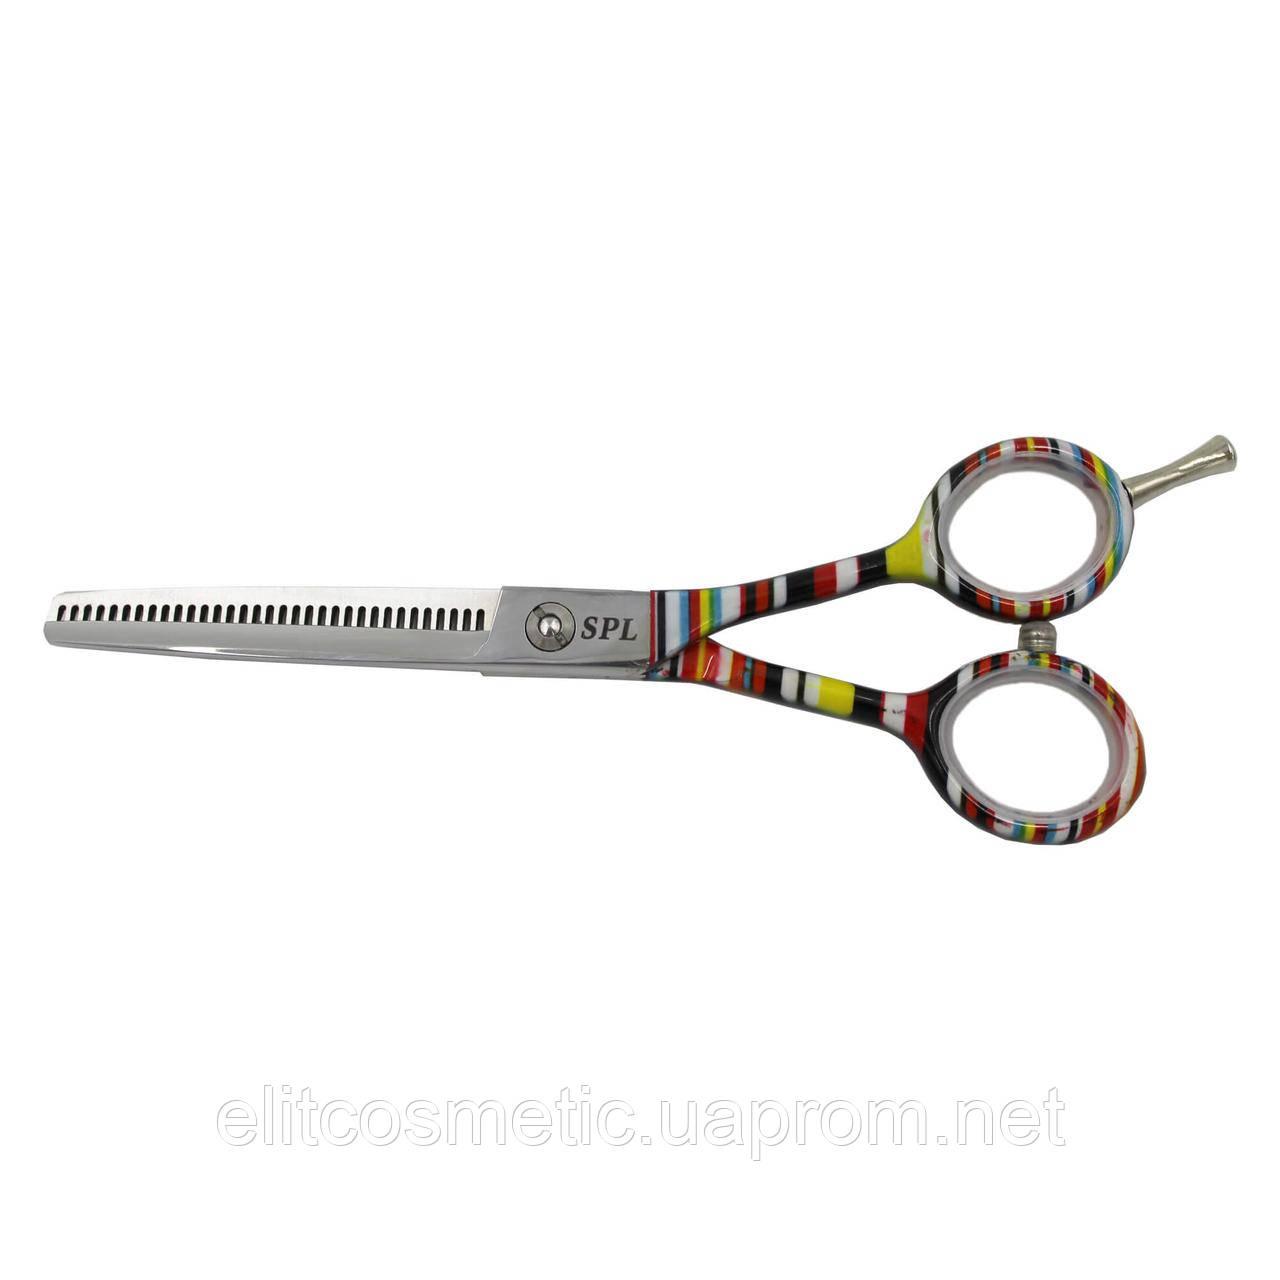 Парикмахерские ножницы SPL 5.5 филировочные